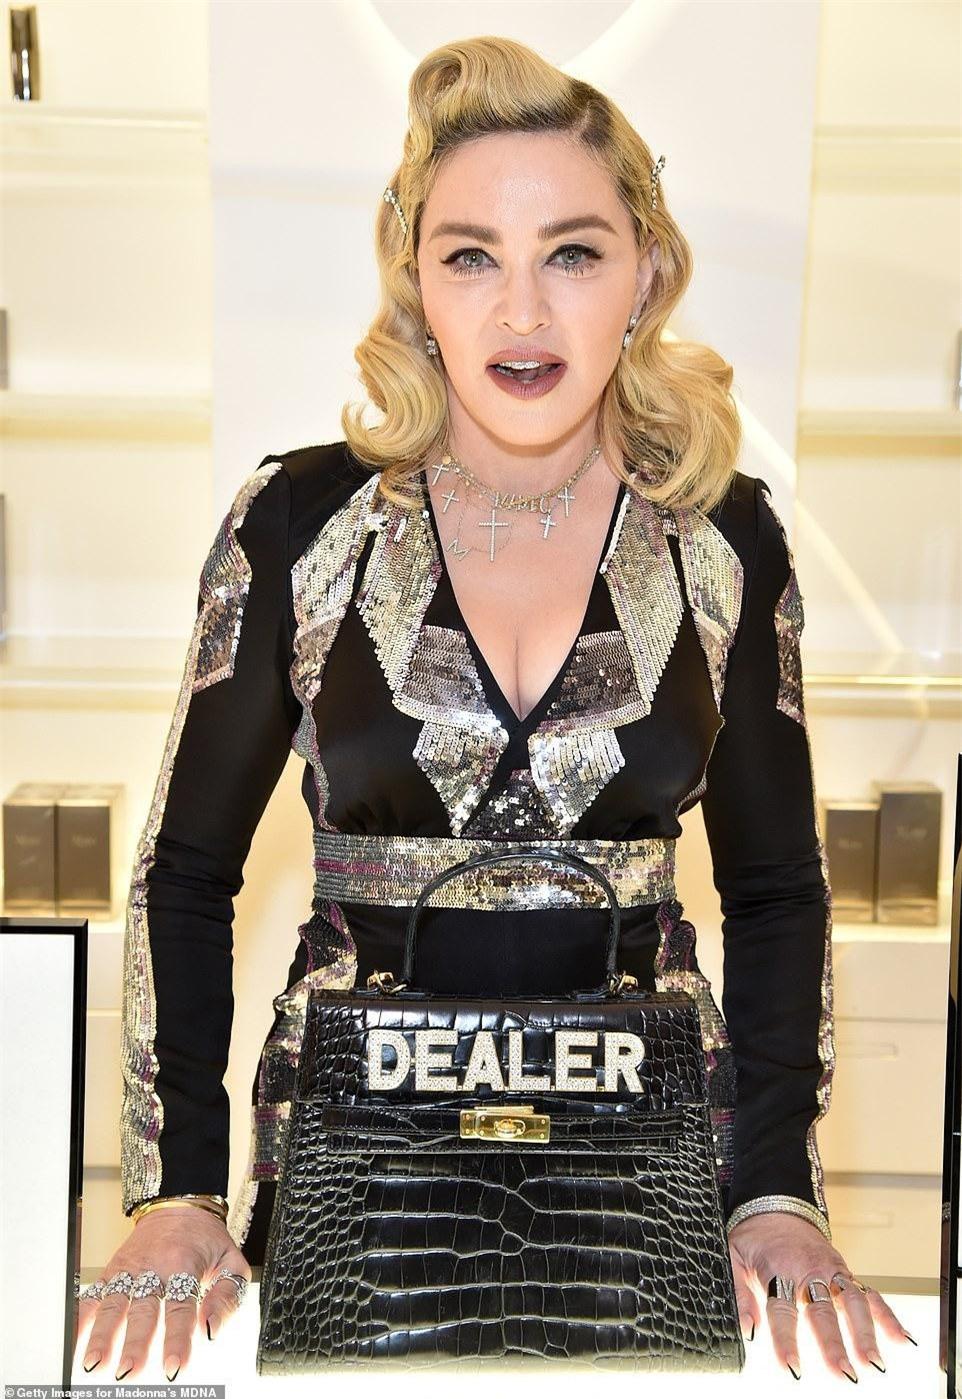 Cận cảnh biệt thự mới tậu của Madonna, được giá hời gần 6 triệu USD ảnh 1